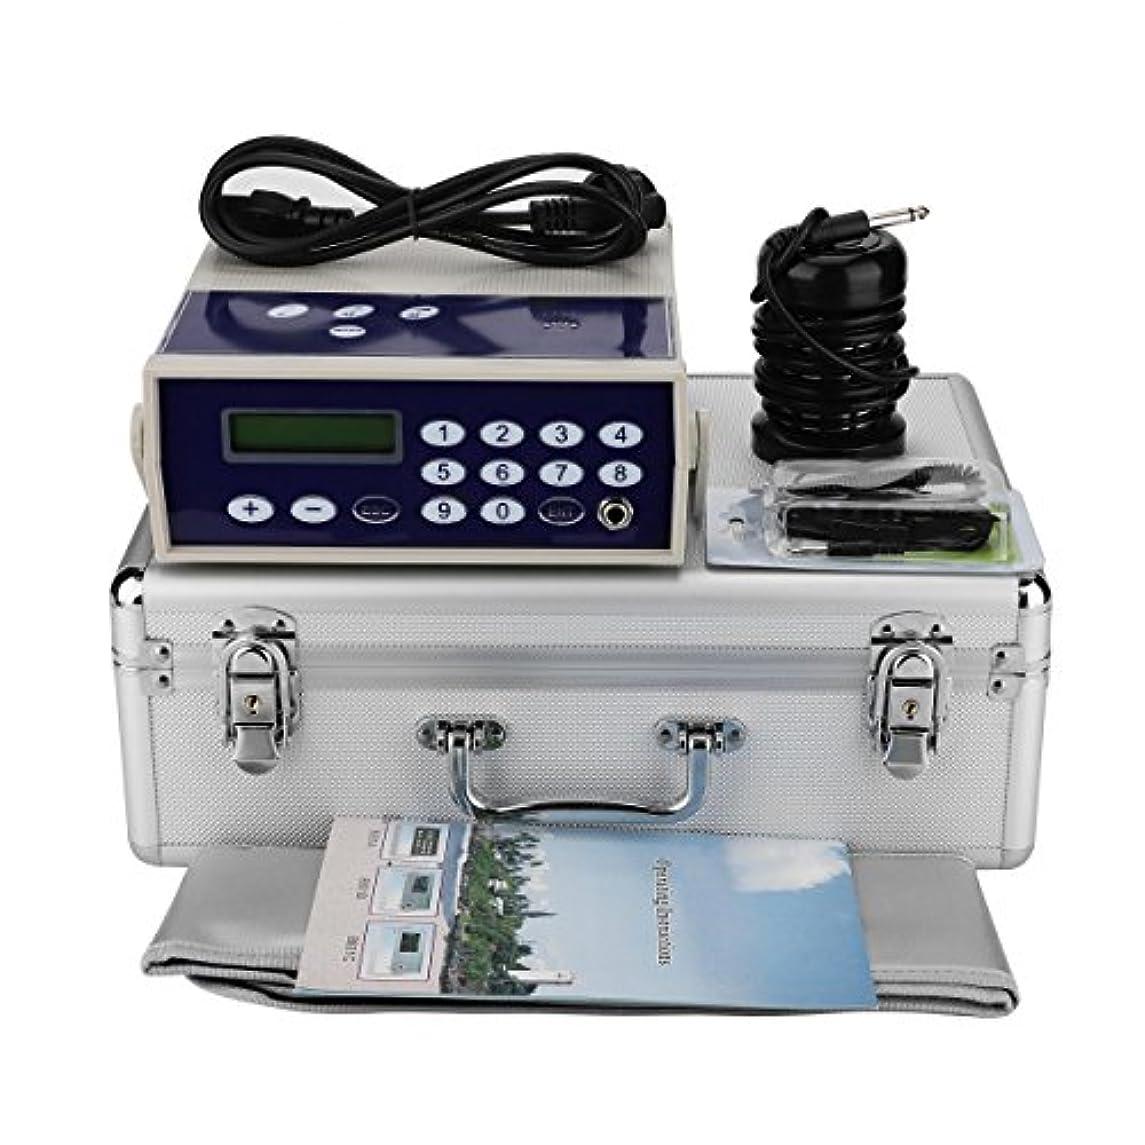 キャンパス治すアナログイオンフットバスデトックスマシン、プロフェッショナルイオンイオンアレイボディデトックスマシンスパ赤外線腰ベルトで浄化(110-220V)